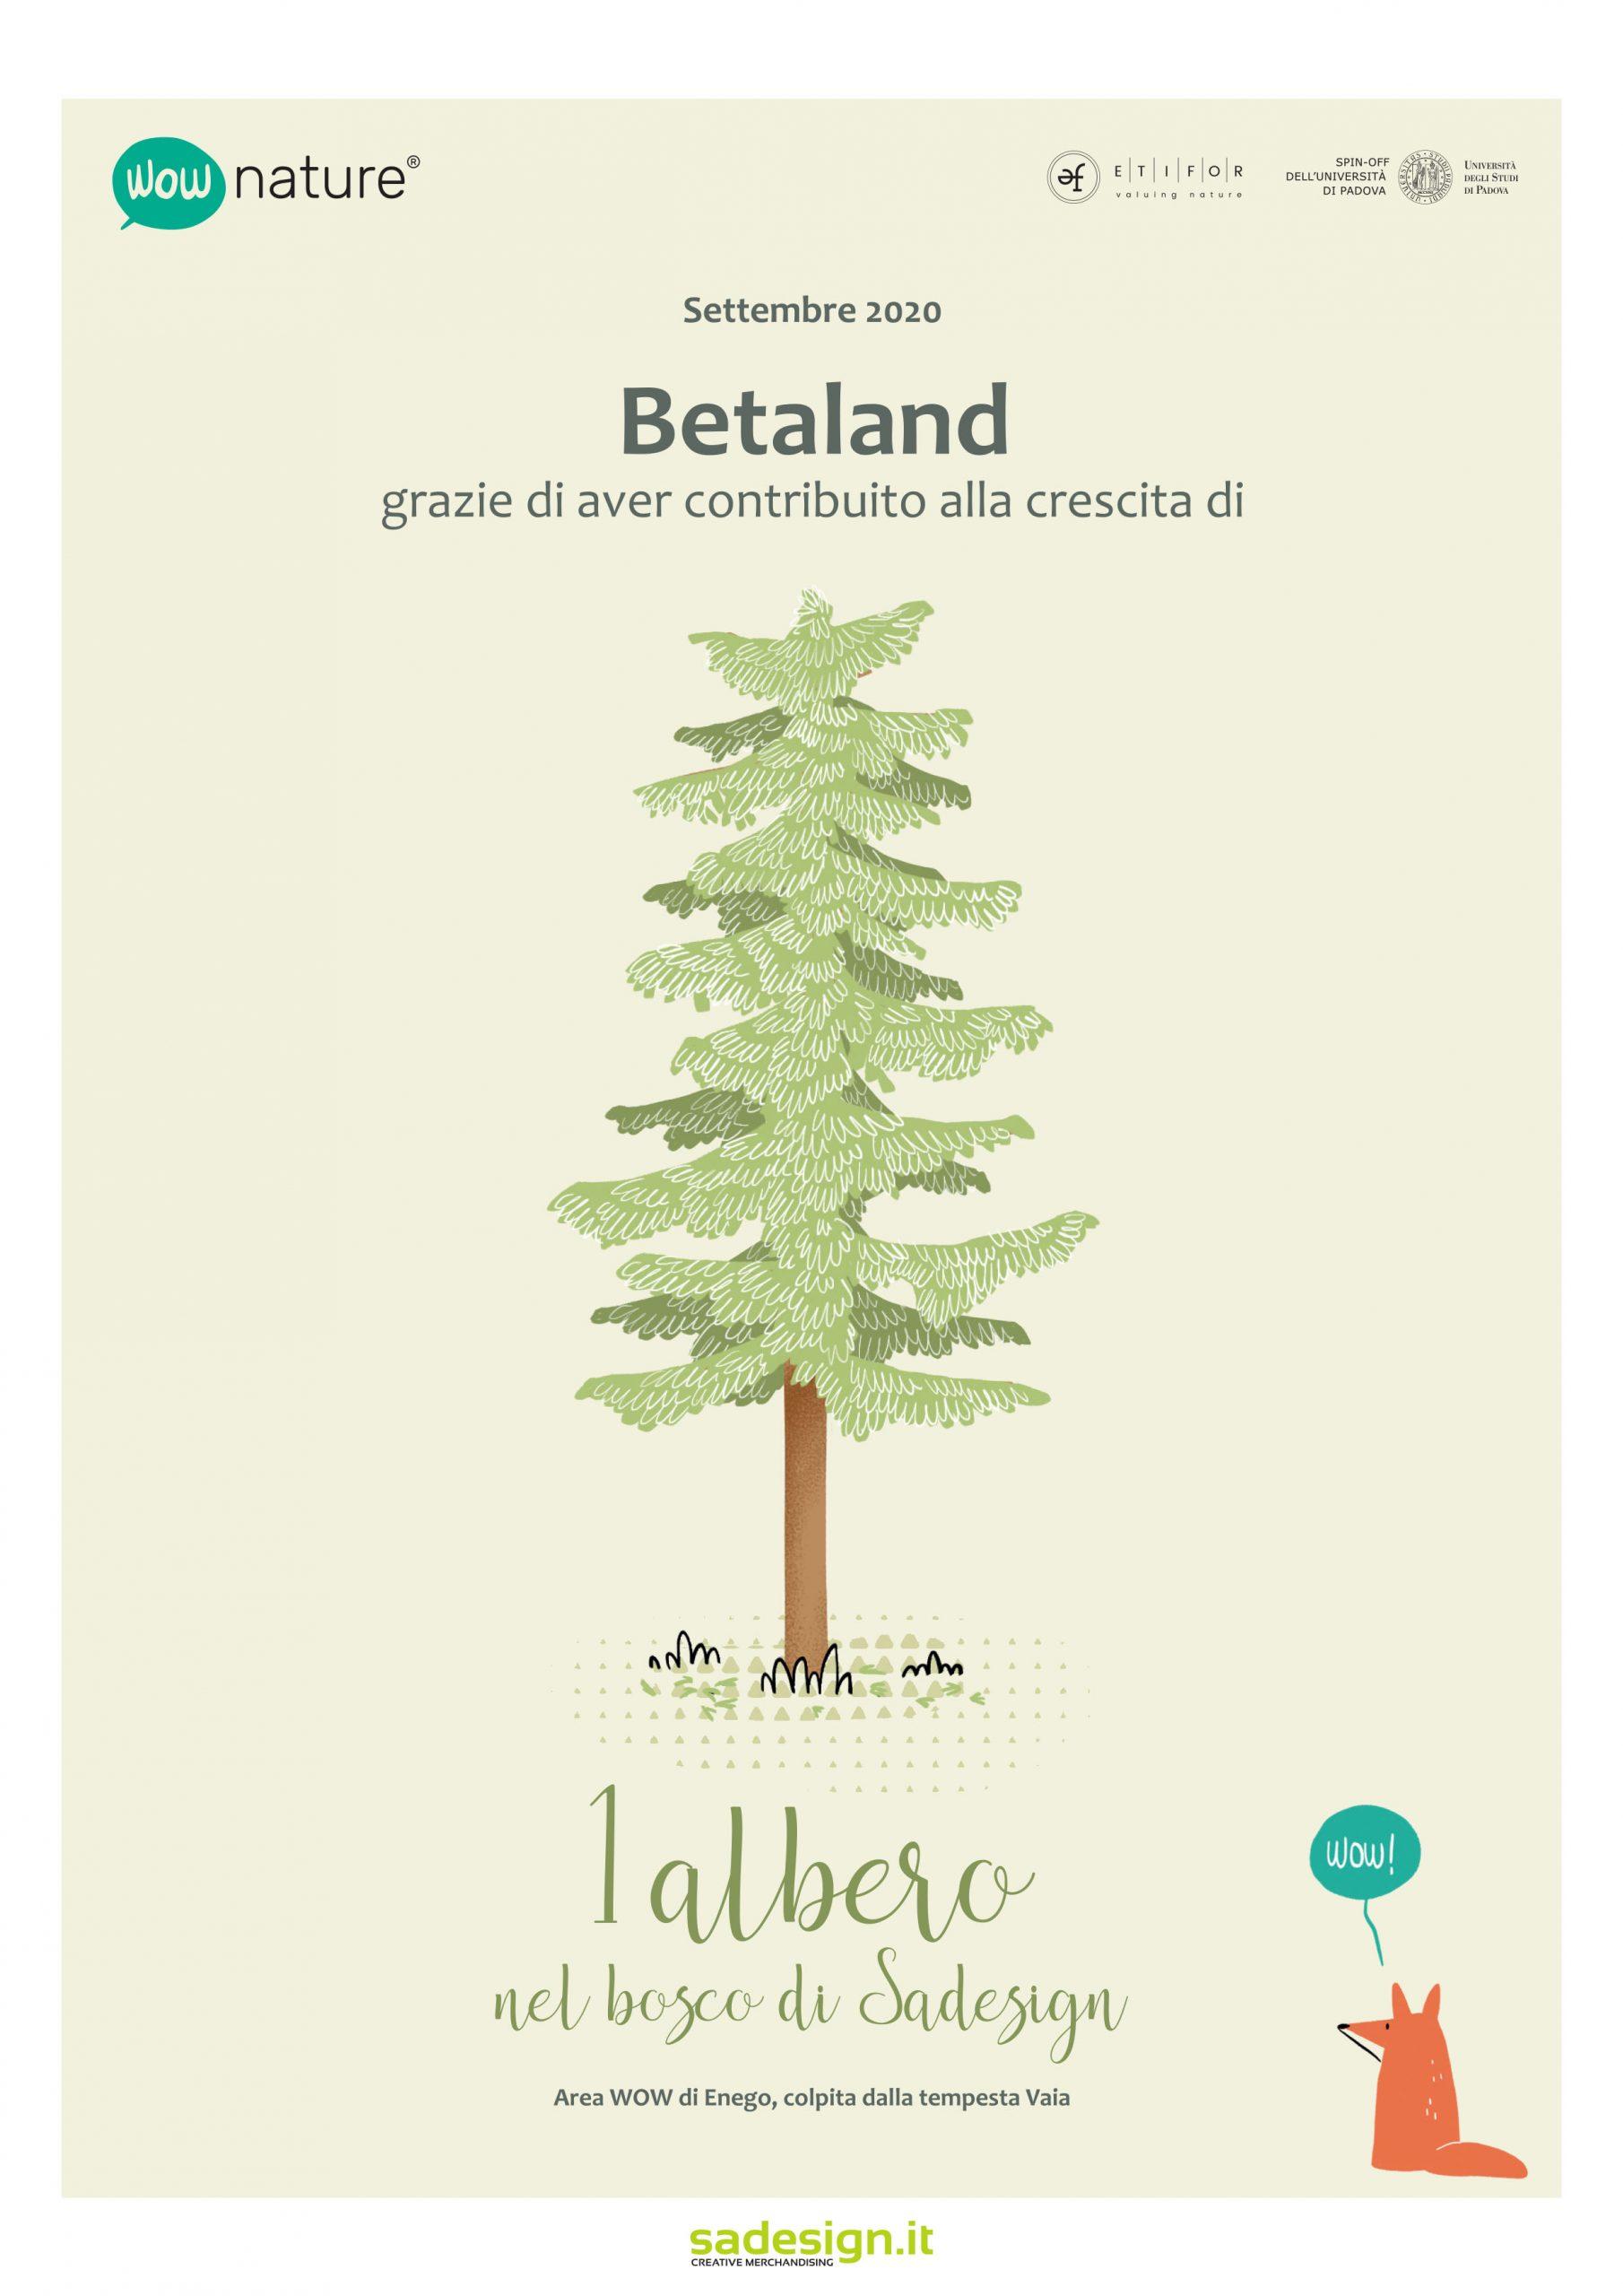 Crescita-e-sviluppo-sostenibile-Oia-services-ltd-betaland